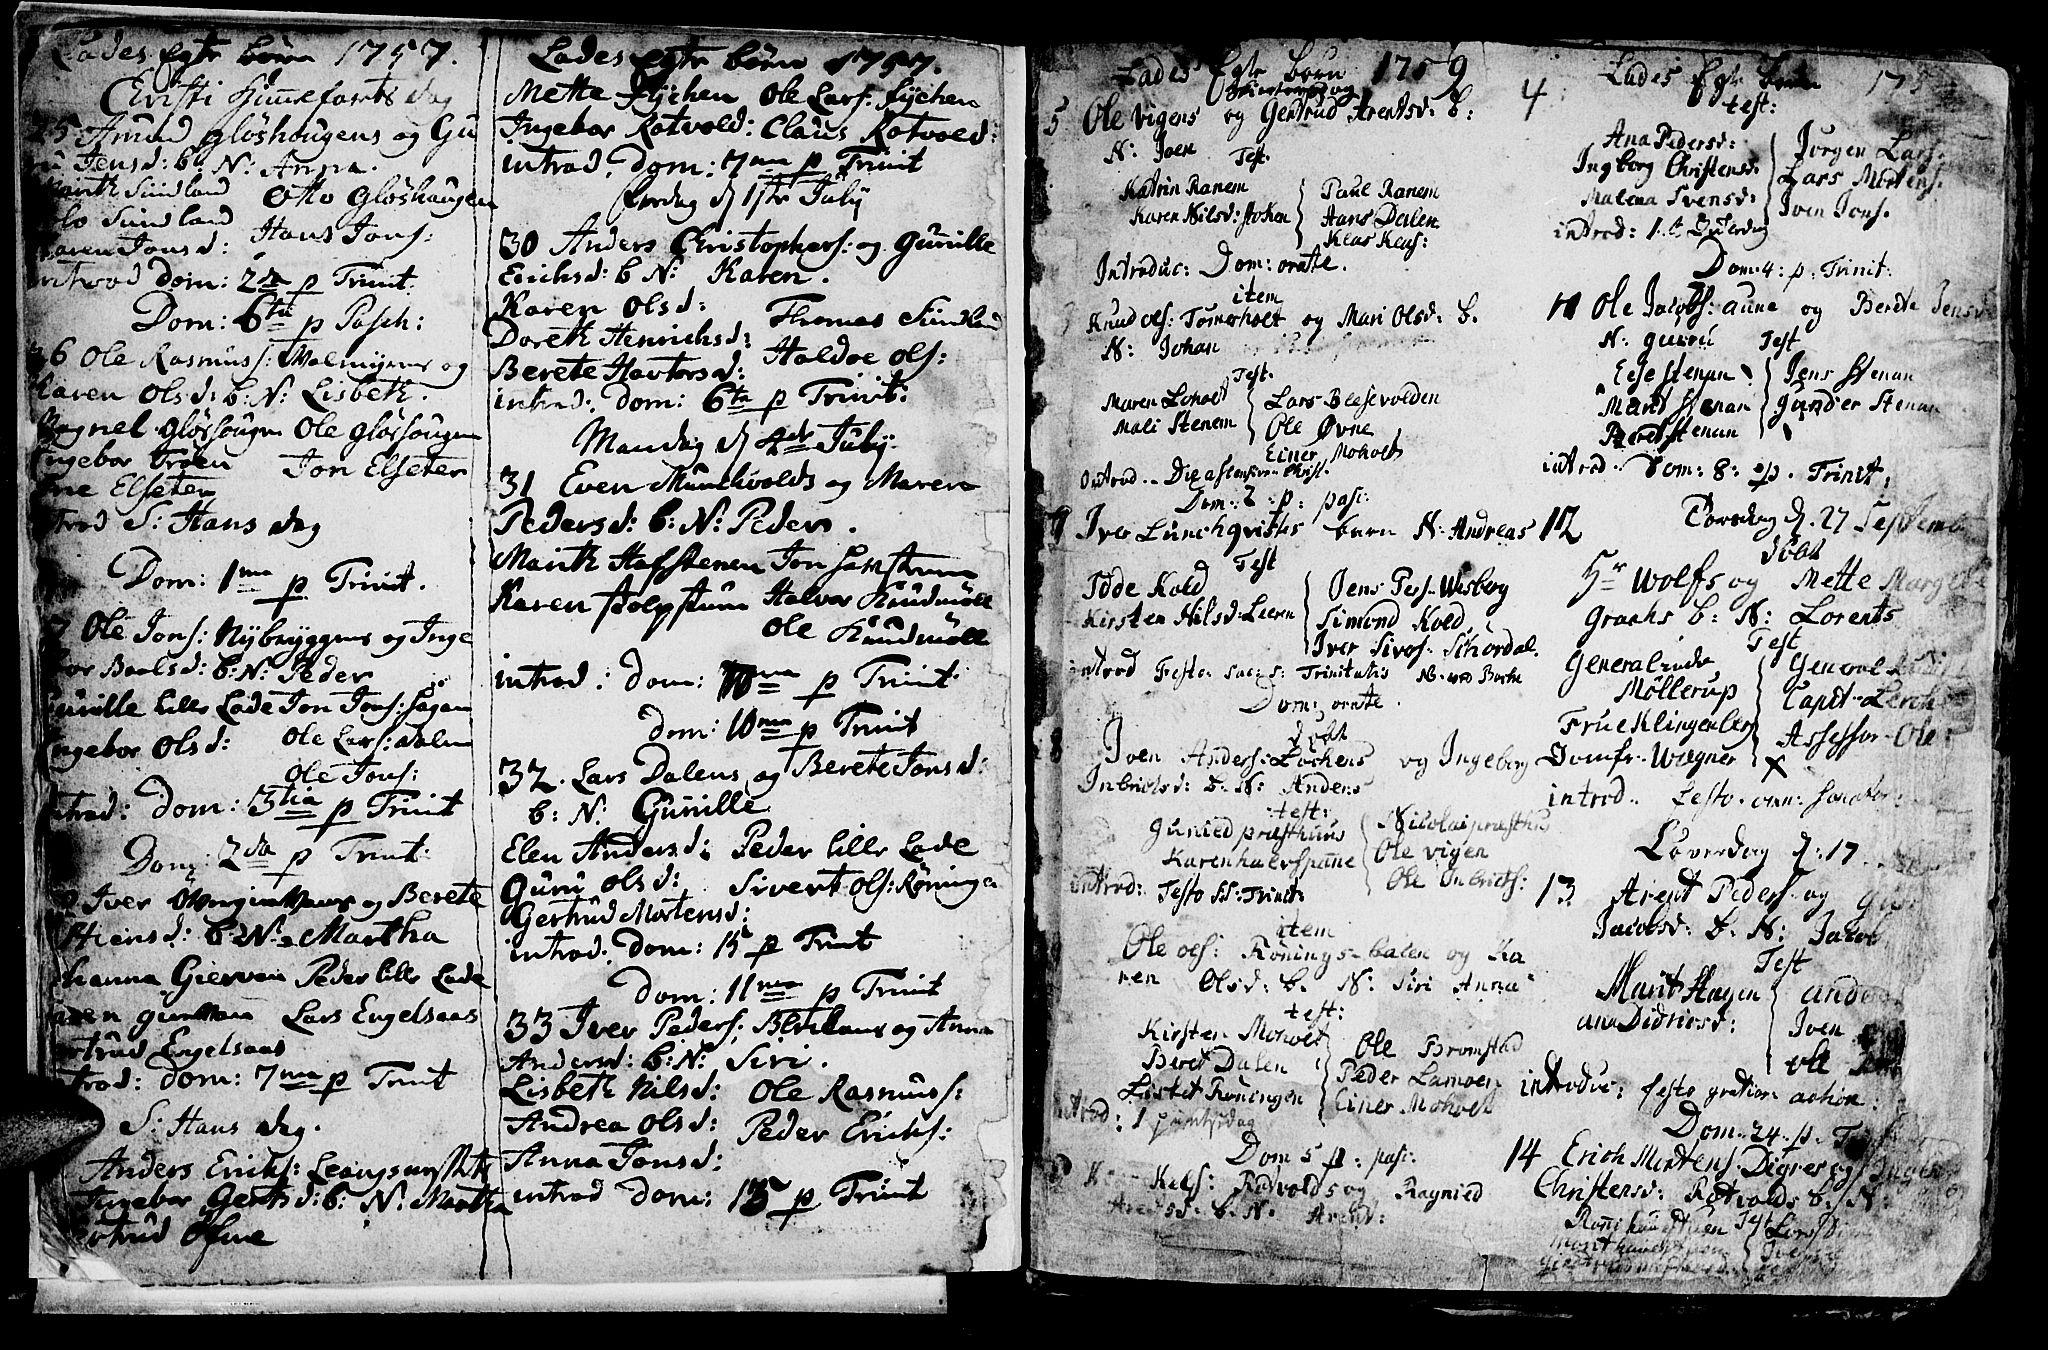 SAT, Ministerialprotokoller, klokkerbøker og fødselsregistre - Sør-Trøndelag, 606/L0305: Klokkerbok nr. 606C01, 1757-1819, s. 4